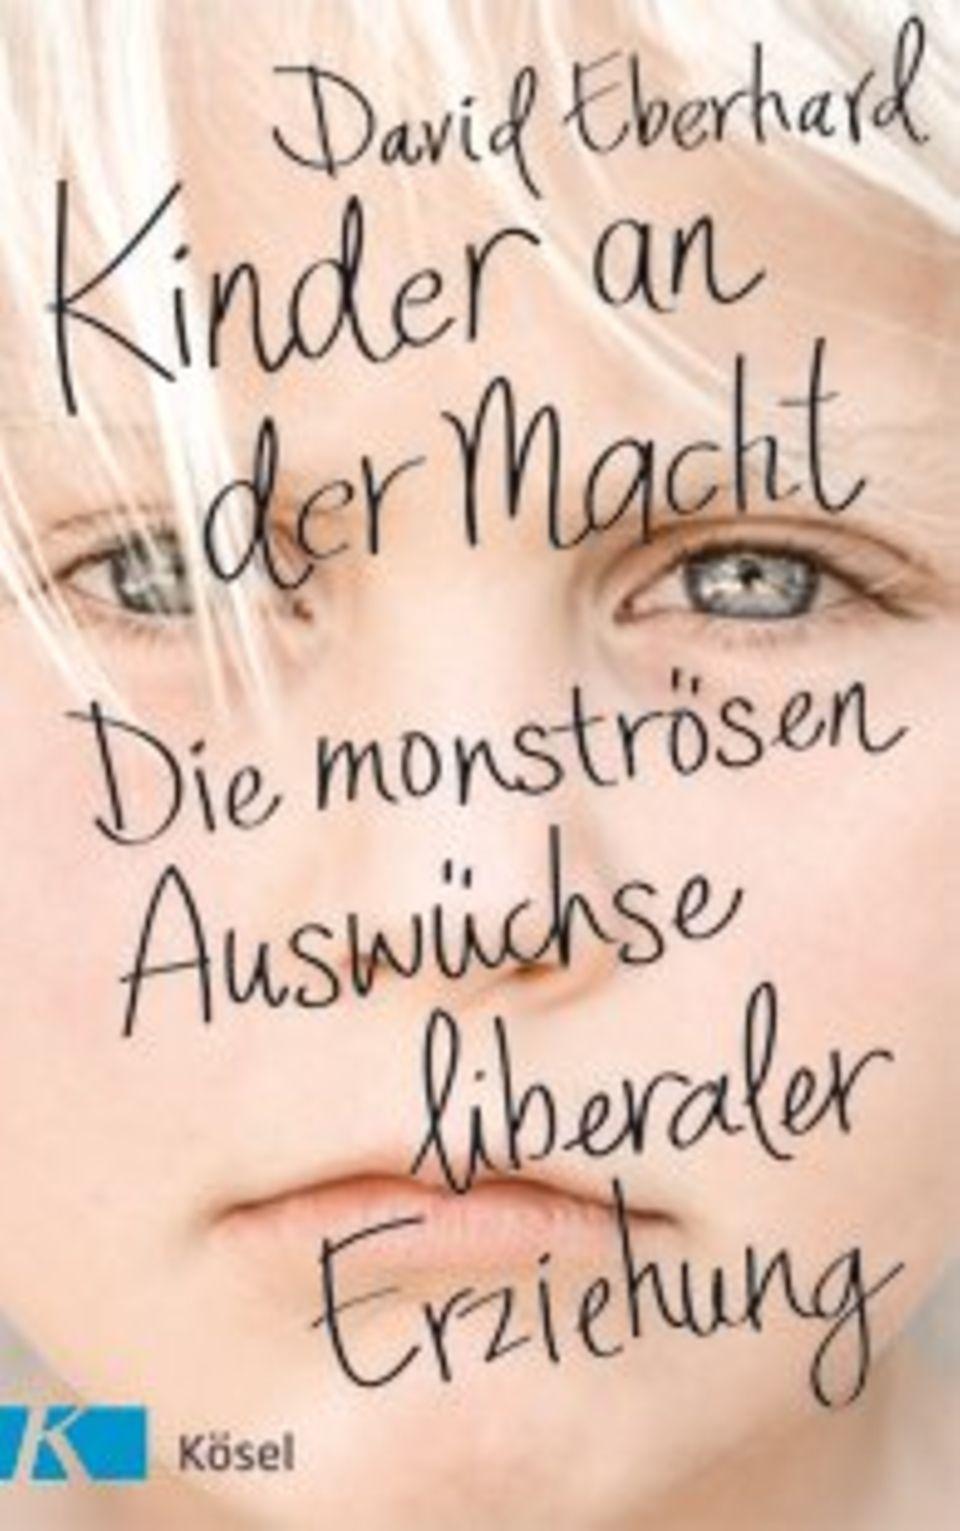 """Das Buch: """"Kinder an der Macht - die monströsen Auswüchse liberaler Erziehung"""" von David Eberhard, Kösel Verlag, 304 S., 17,99 Euro."""